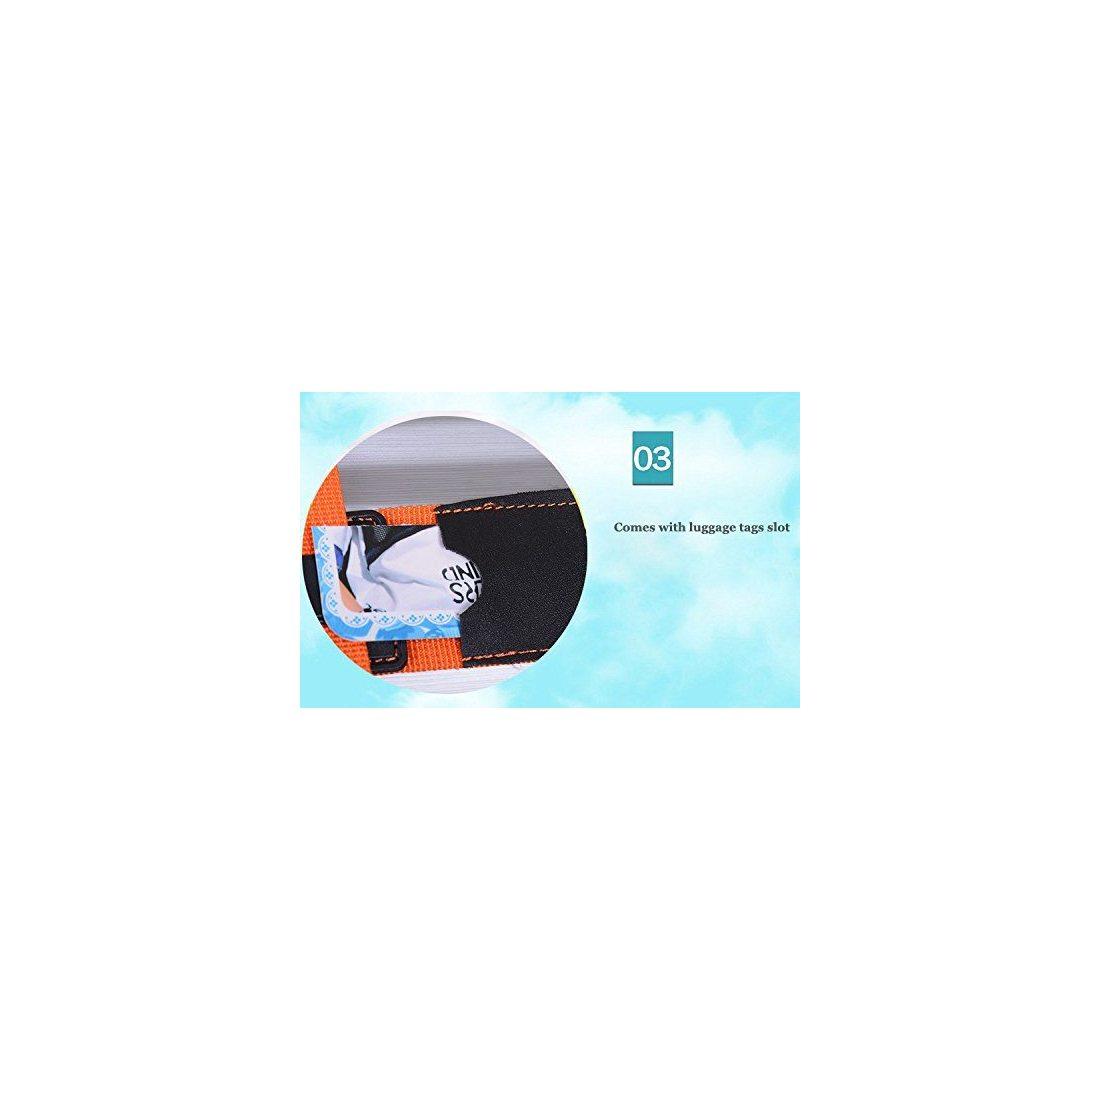 CSTOM Croix Sangles Bagages Sangle de Voyage Valise Bagage Clipsable - Vert